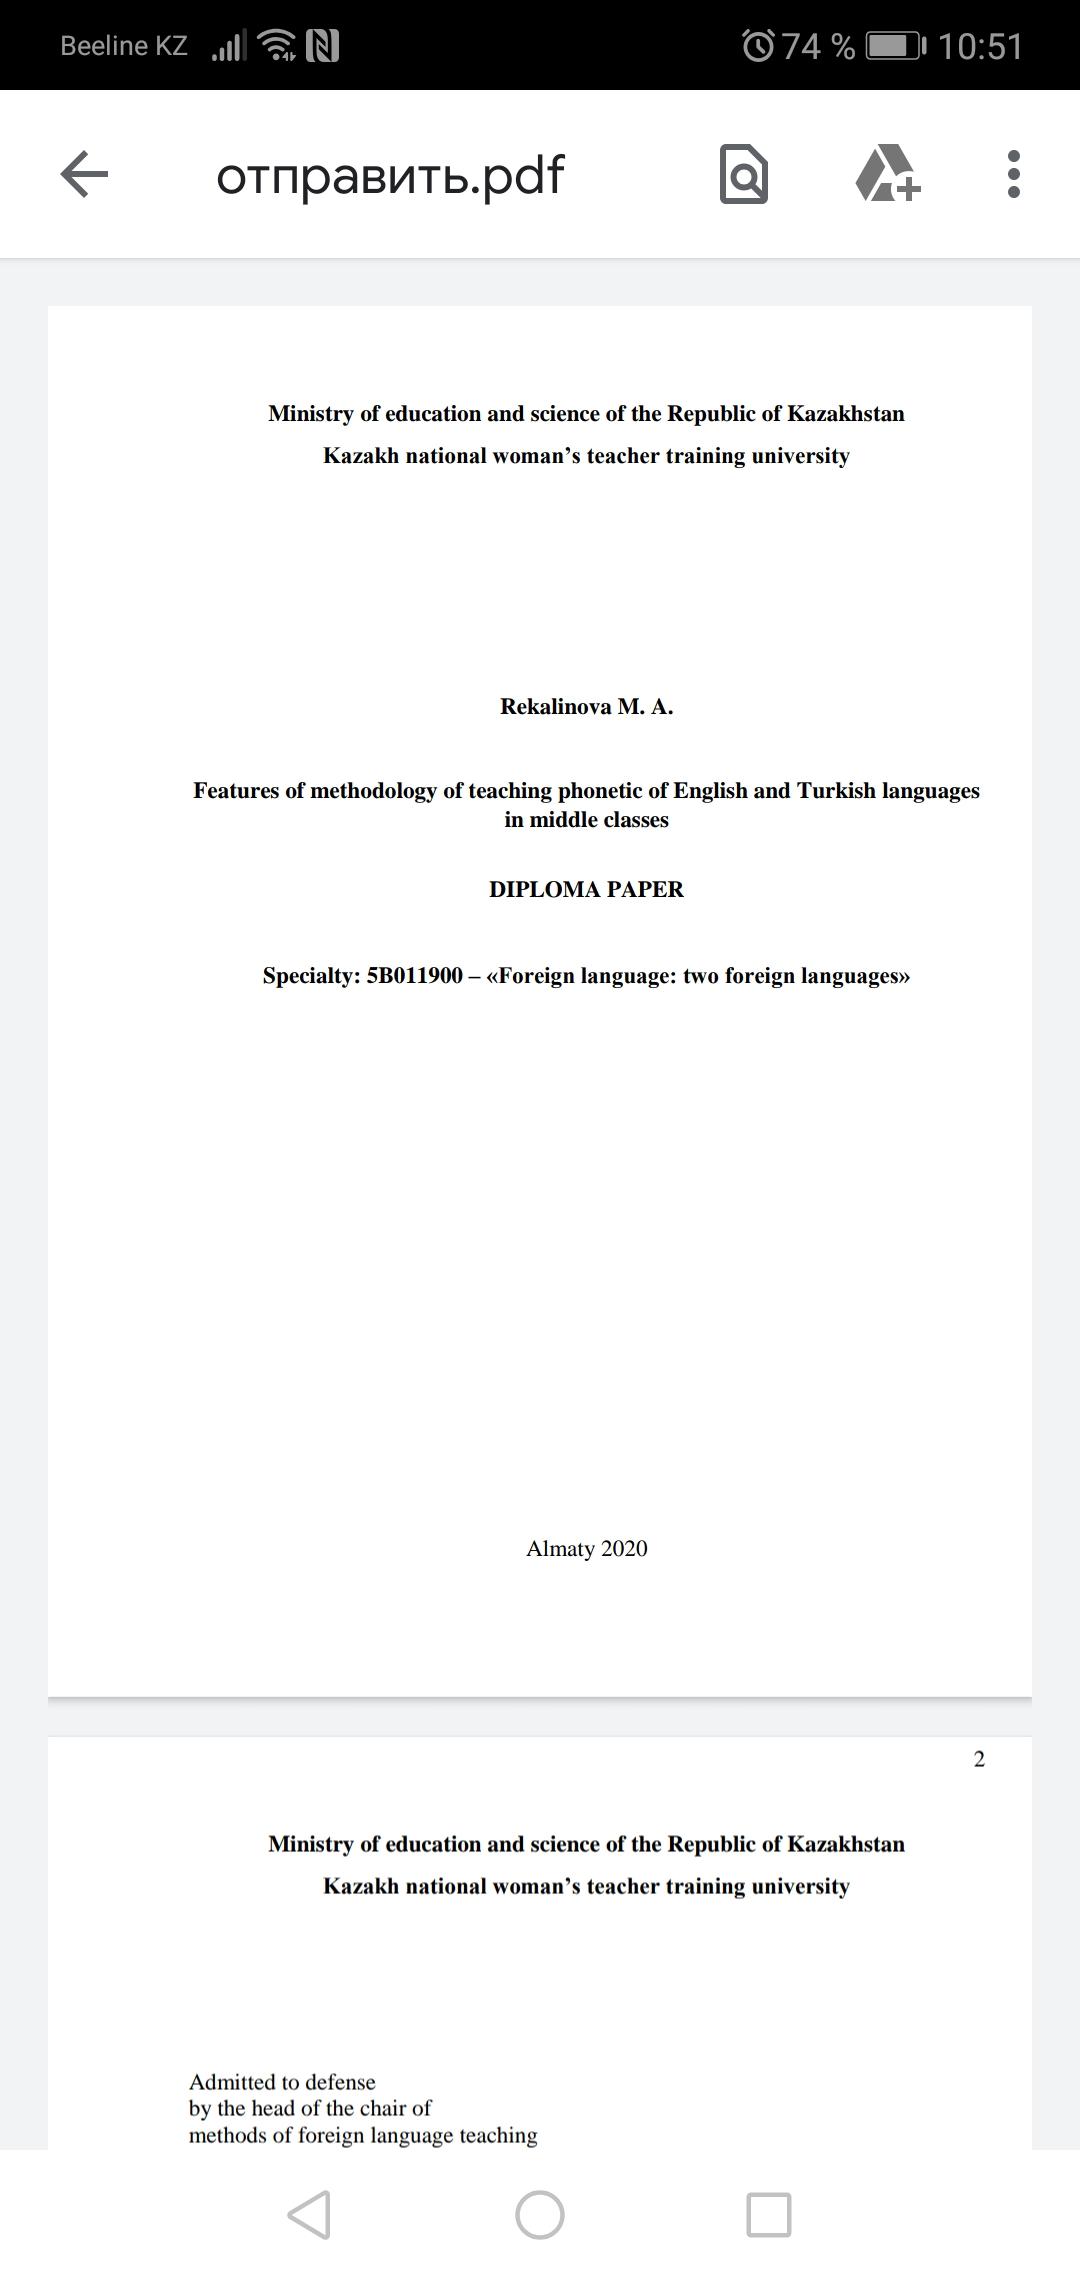 Фото Диплом для специалиста: переводческое дело. 61 страница, самостоятельный сбор и поиск информации. Работа была выполнена за 5 дней